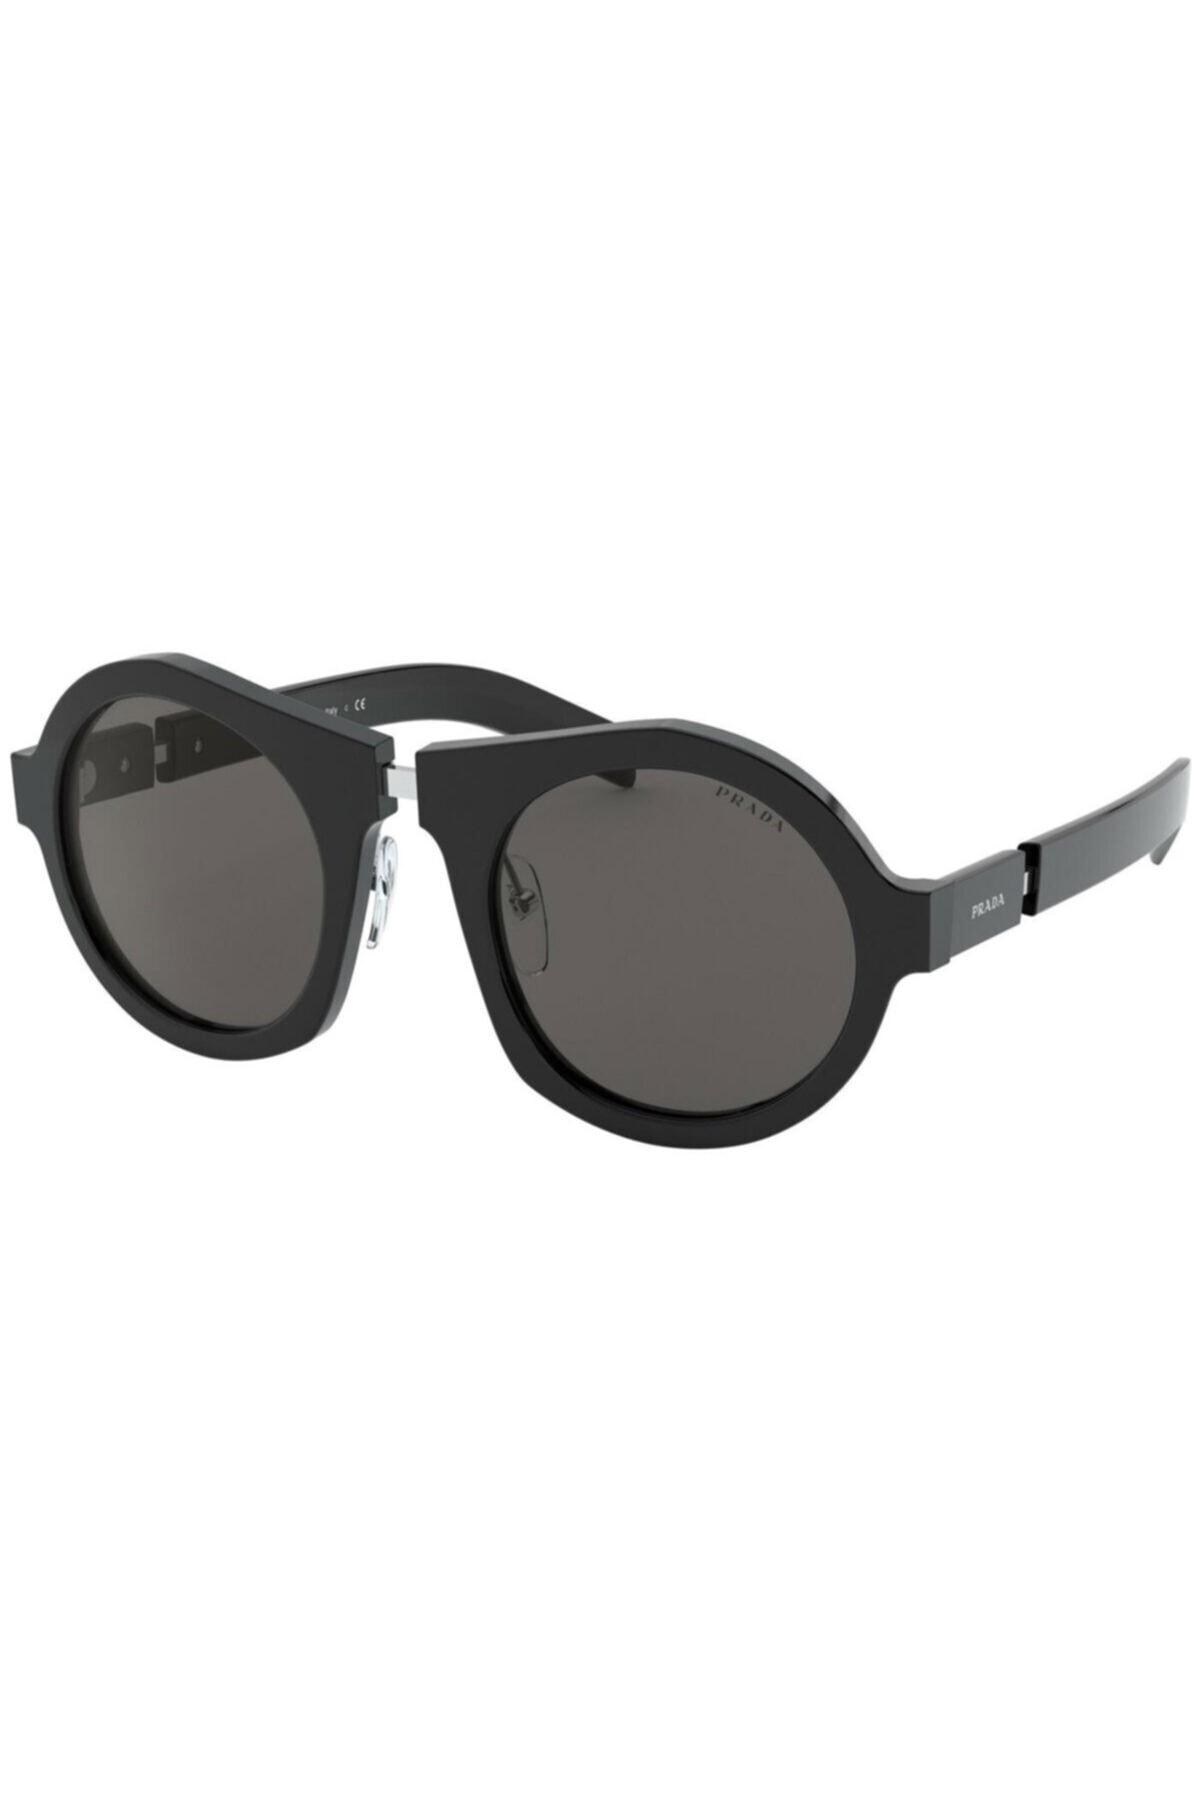 Prada Pr10xs 1ab5s0 Kadın Güneş Gözlüğü 1